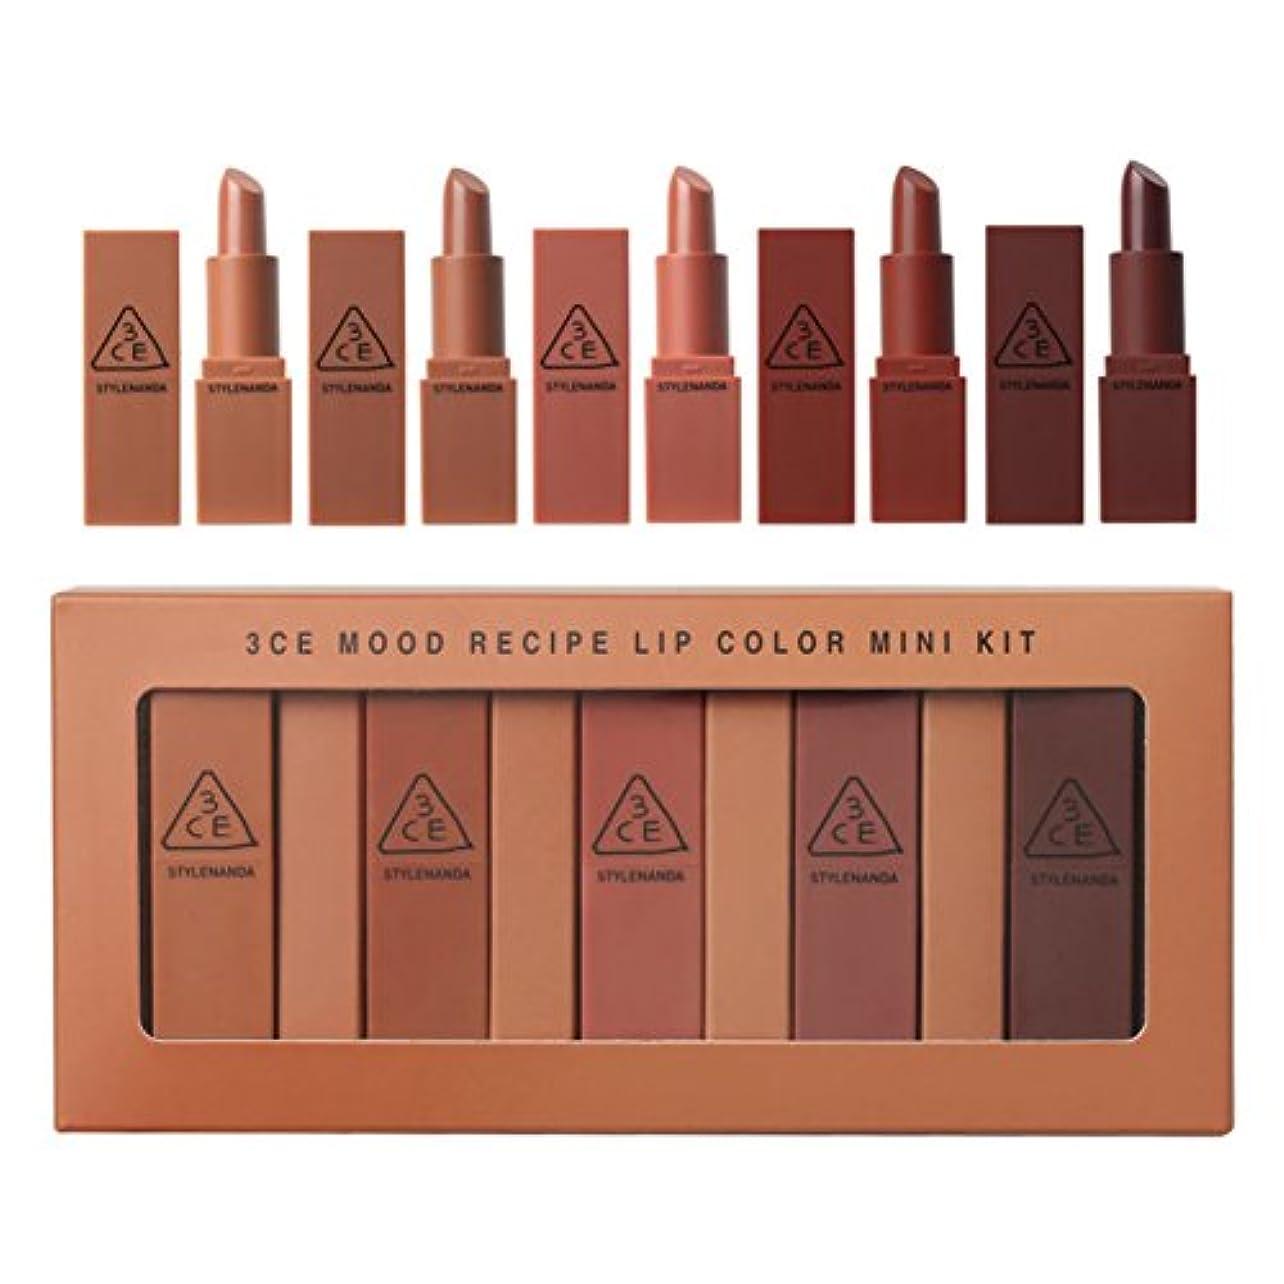 潤滑するハイジャック理容師3CE mood recipe lip color mini kit 3CE ムードレシピ リップ カラー ミニ キット[並行輸入品]